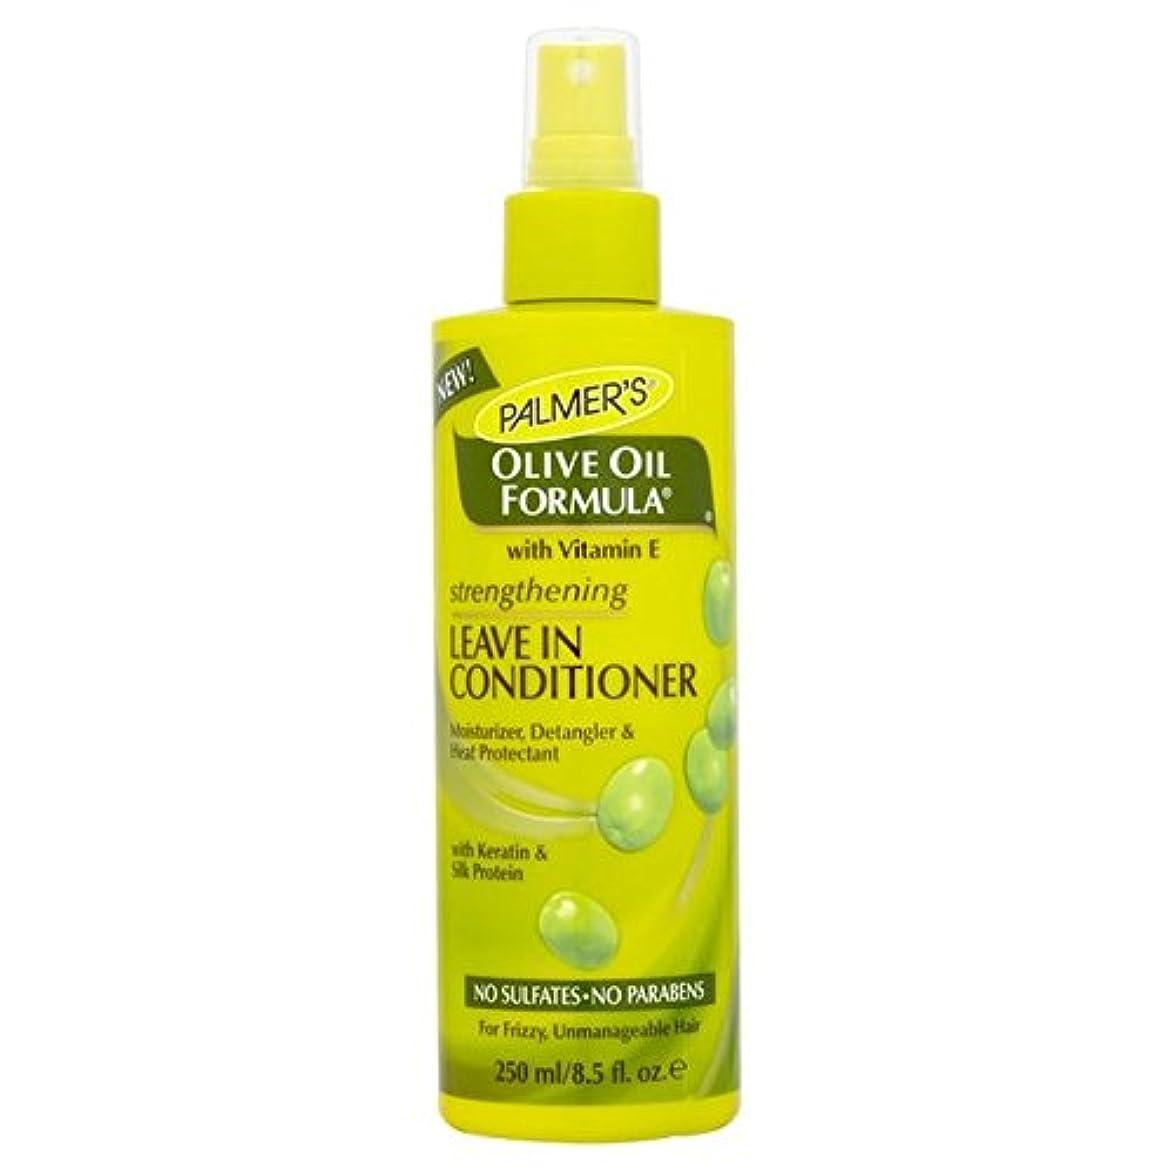 ヒステリック松明試みるPalmer's Olive Oil Formula Strengthening Leave-in Conditioner 250ml (Pack of 6) - リーブインコンディショナー250を強化パーマーのオリーブオイル...